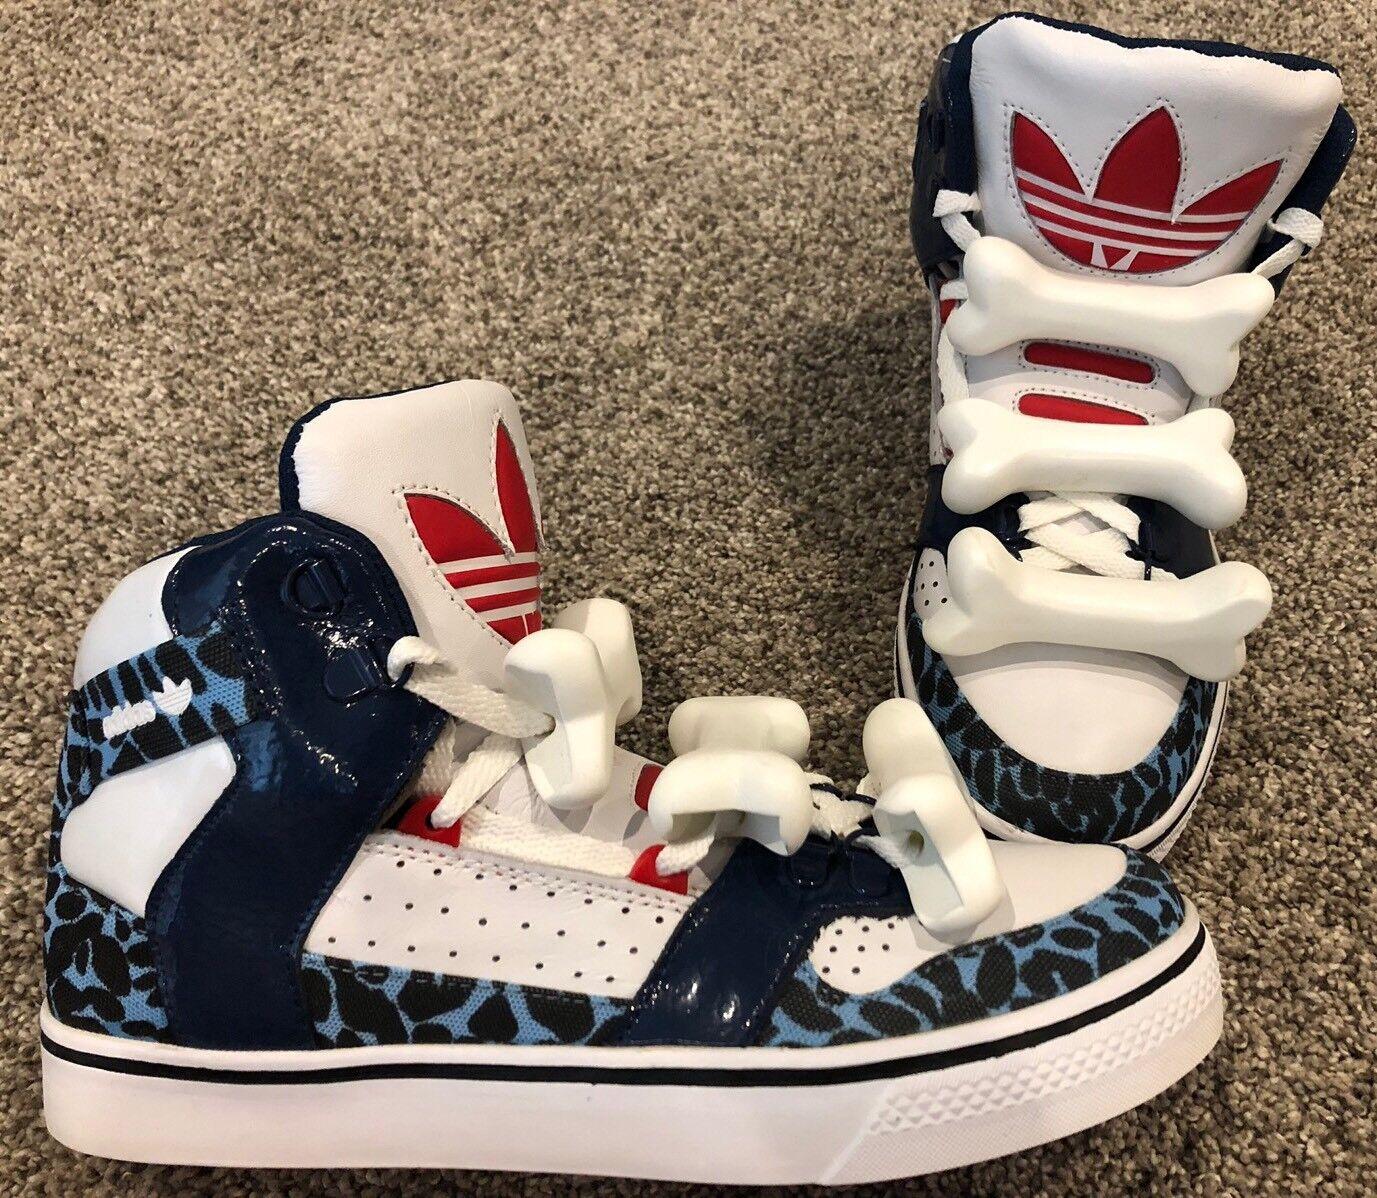 Adidas, edizione limitata di jeremy scott raro bones, misura 8,5, raro raro raro scott raro raro!!! 230b30